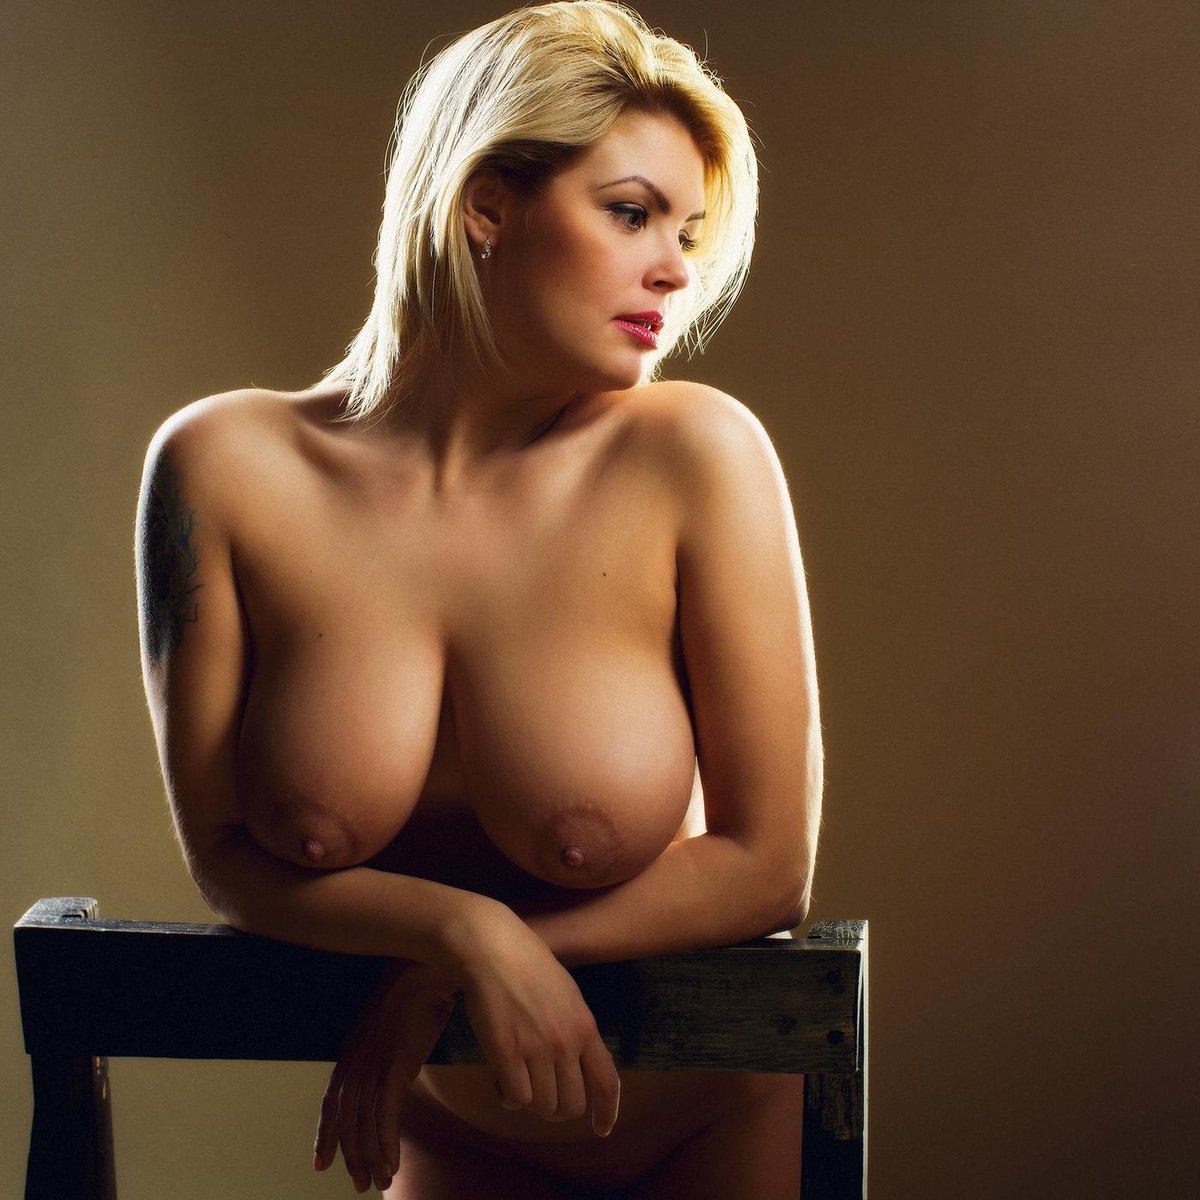 серьезное шикарные голые дамы на фото мне всего-то